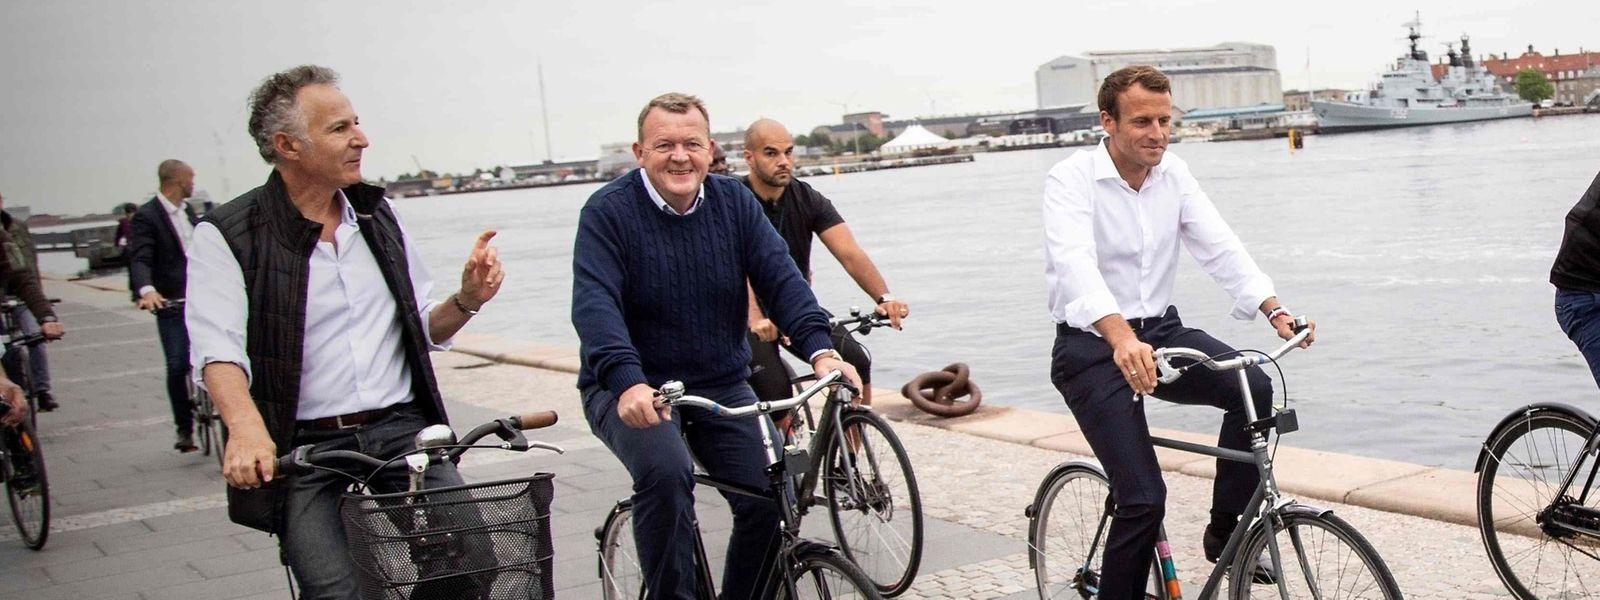 Emmanuel Macron et le Premier ministre danois, Lars Lokke Rasmussen, ont visité Copenhague à vélo, ce mercredi.